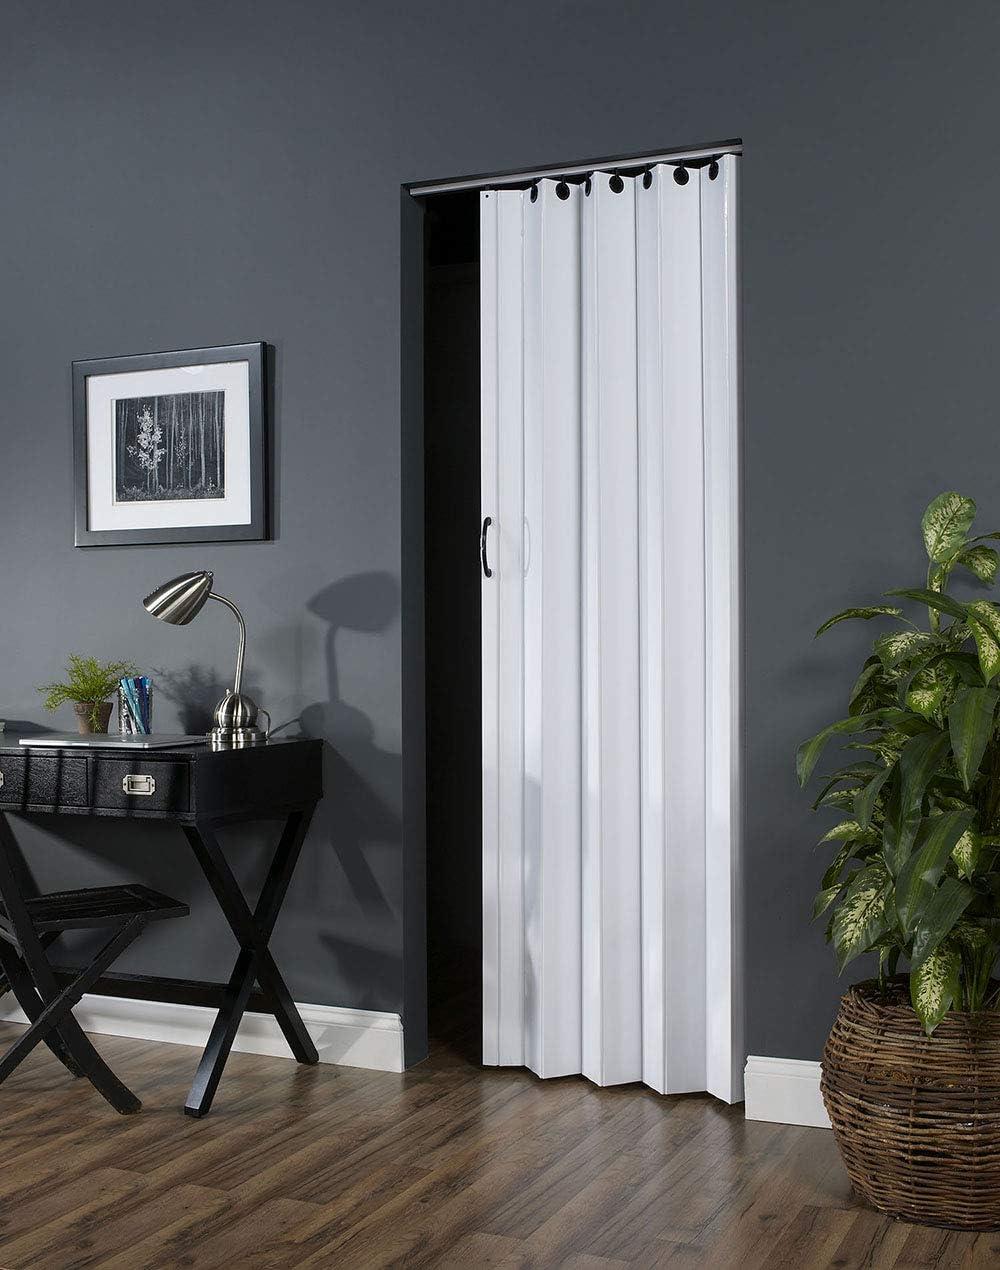 Ltl hogar productos nv3680h nuevo interior acordeón plegable puerta, 36